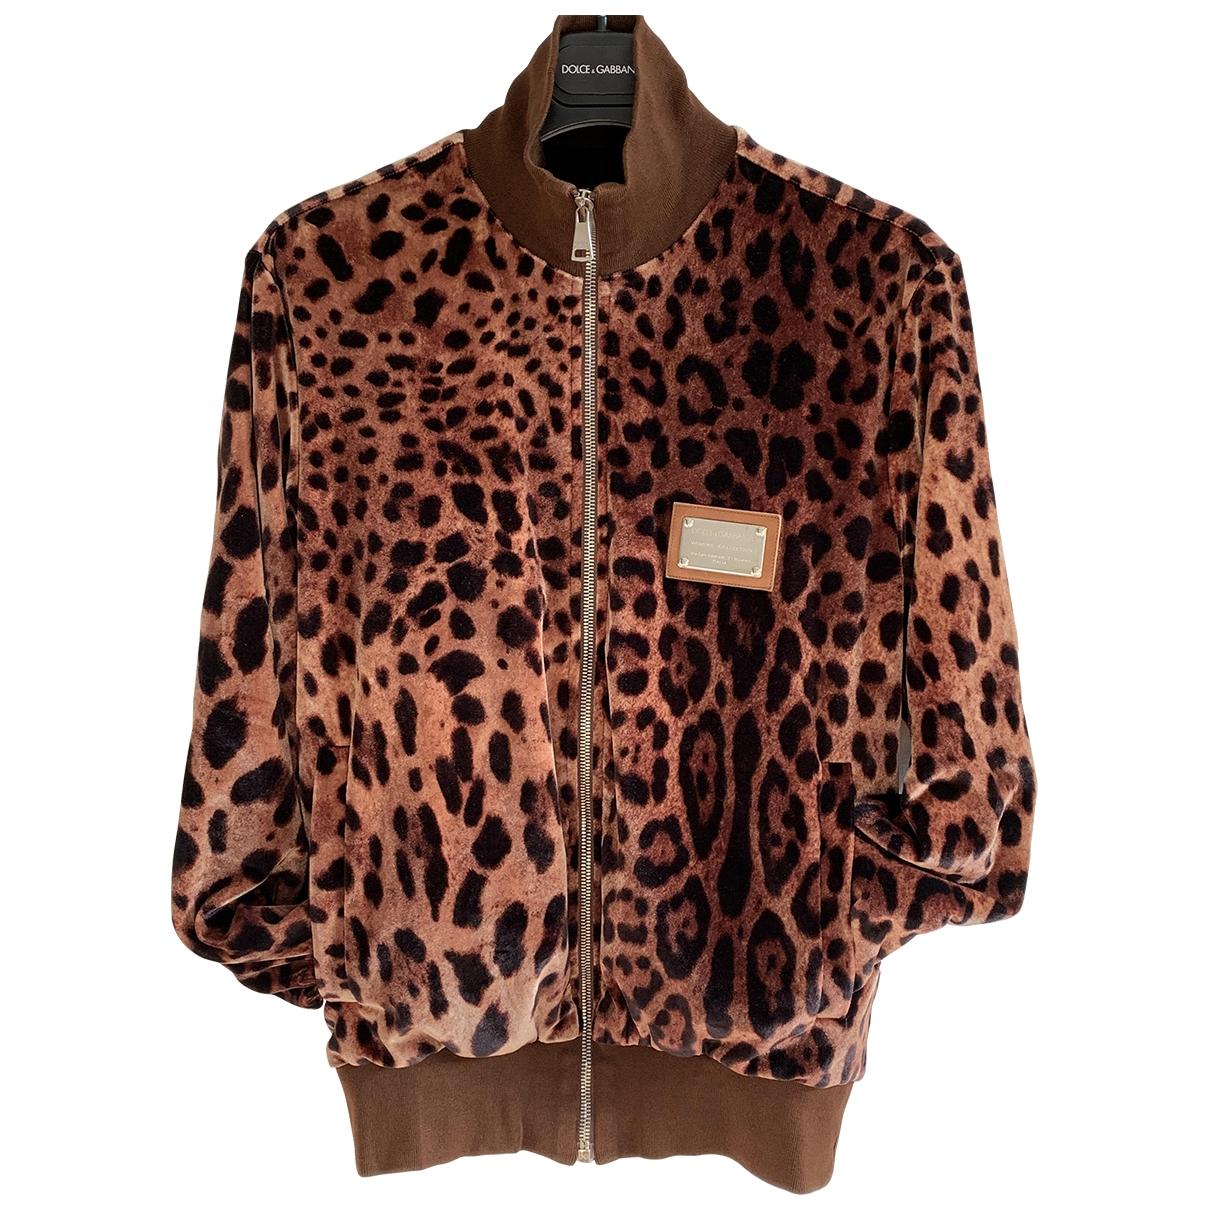 Dolce & Gabbana \N Jacke in  Braun Polyester